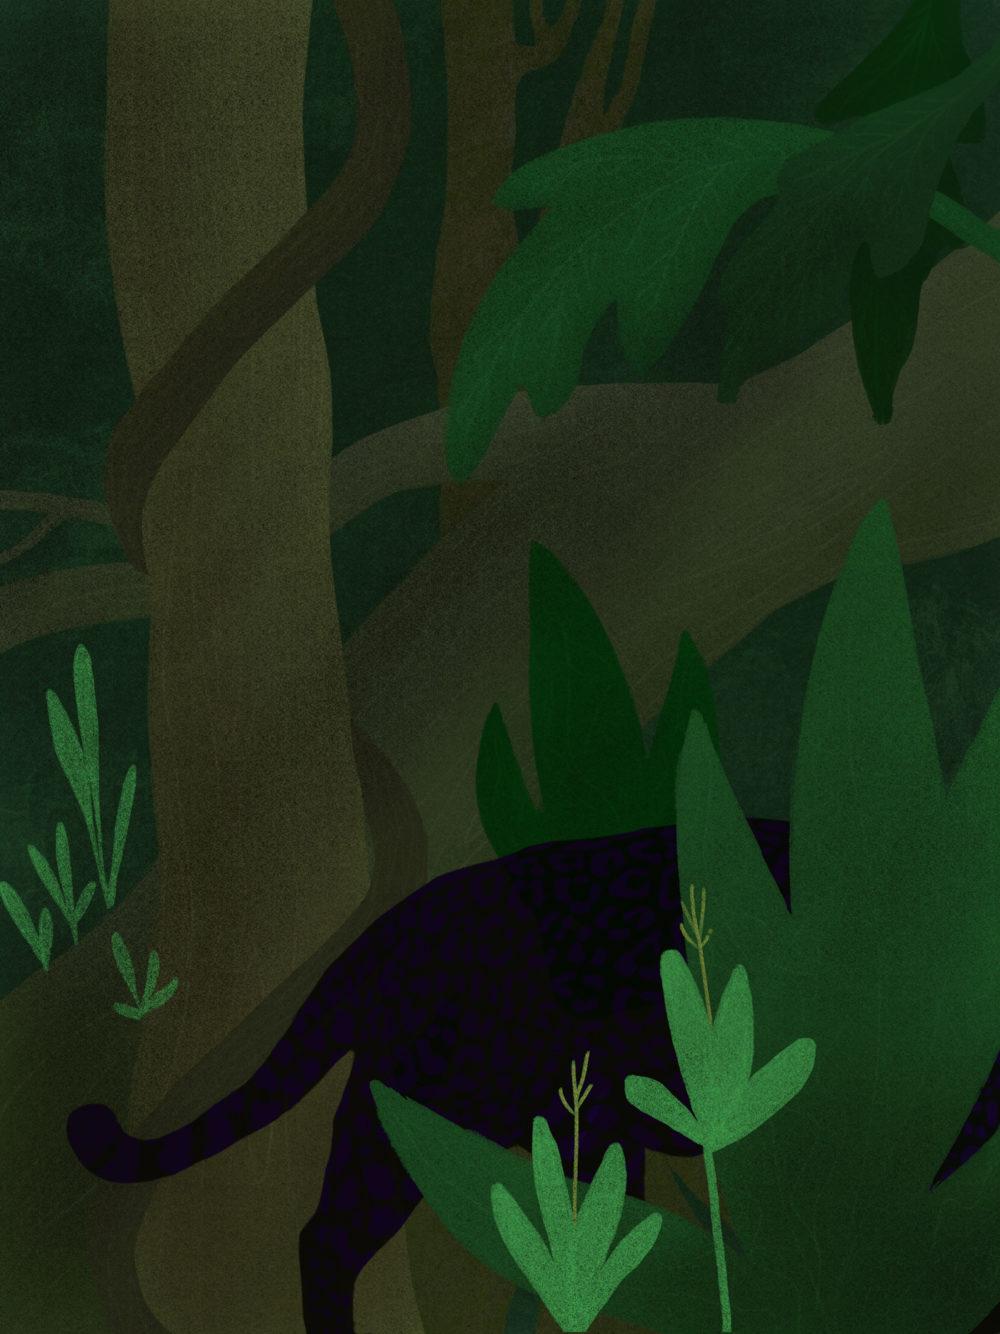 Illustration digitale d'une jungle, avec une panthère noire derrière des feuilles